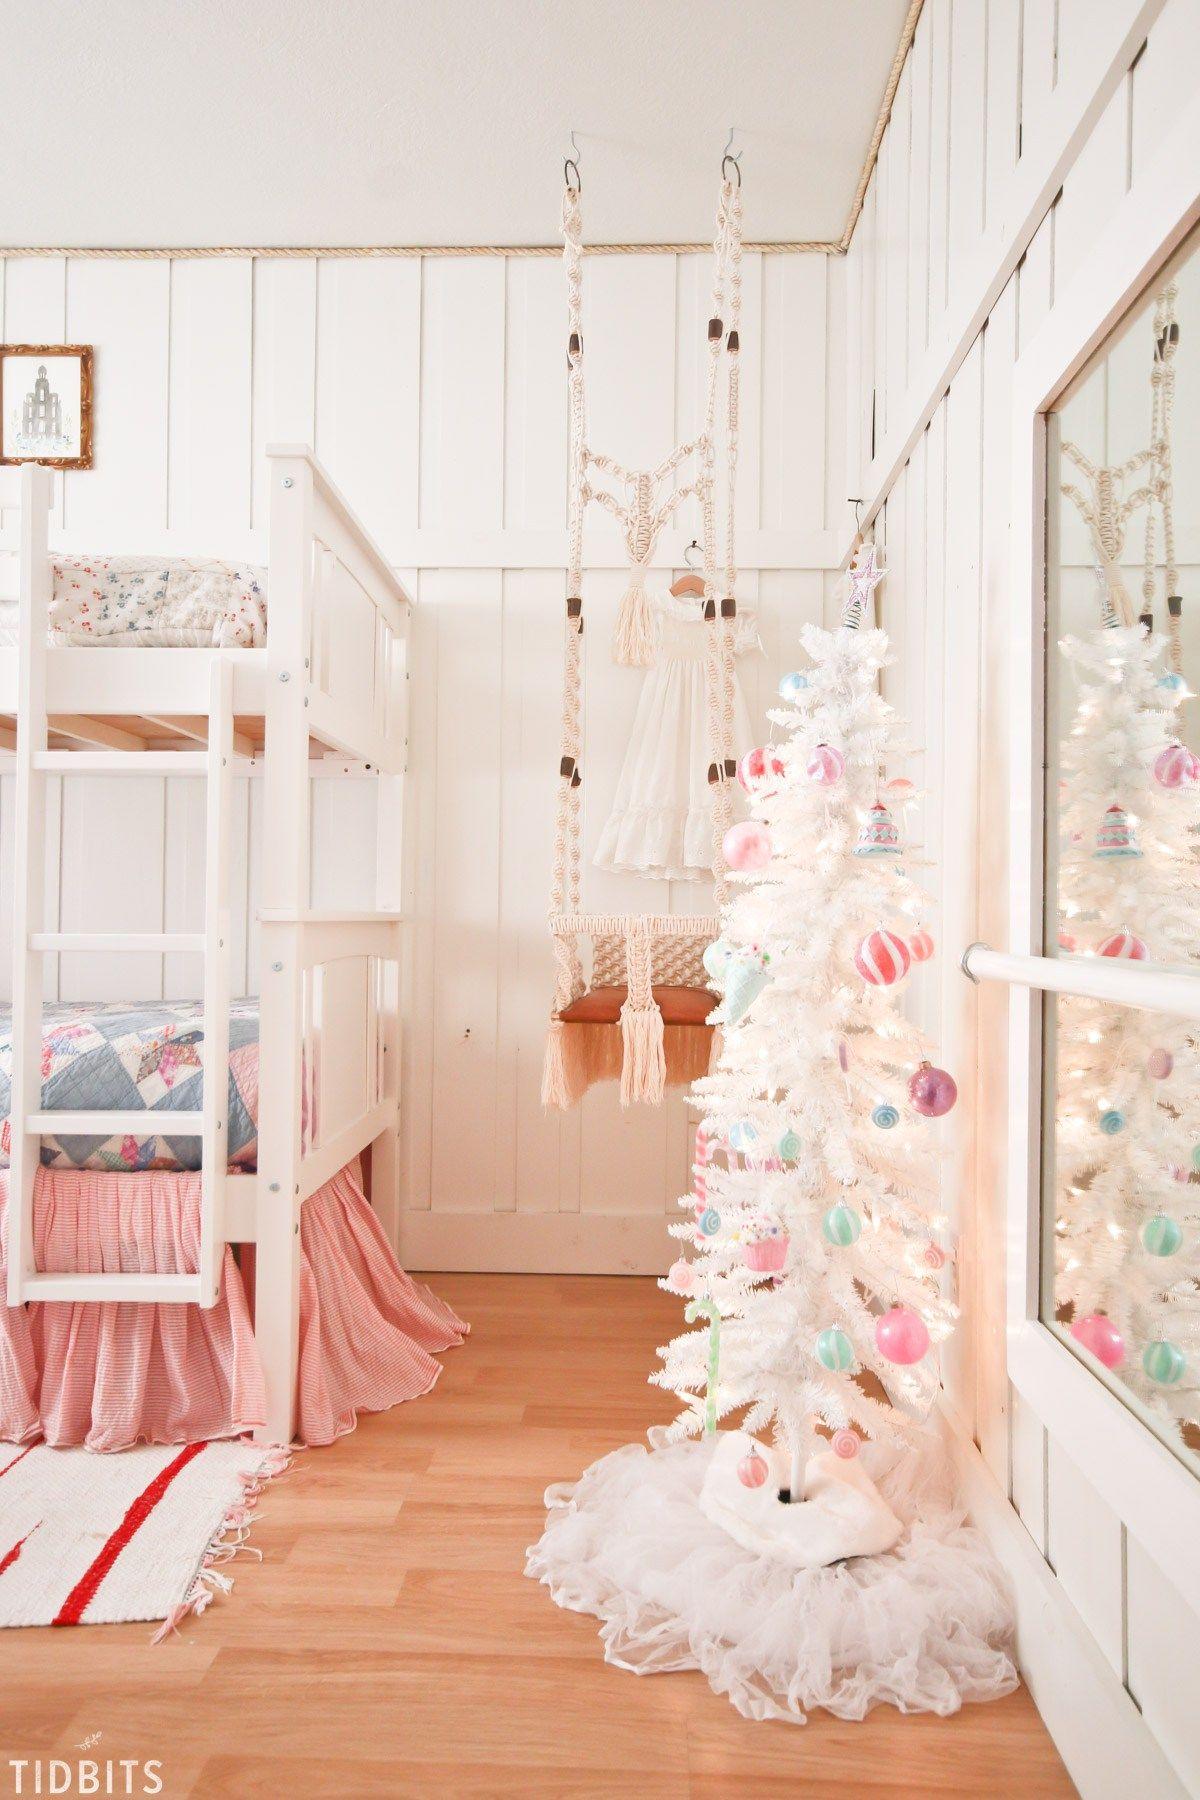 A Colorful Christmas Girls Bedroom Christmas Decorations Bedroom Christmas Bedroom Pink Christmas Decorations The girls christmas bedroom